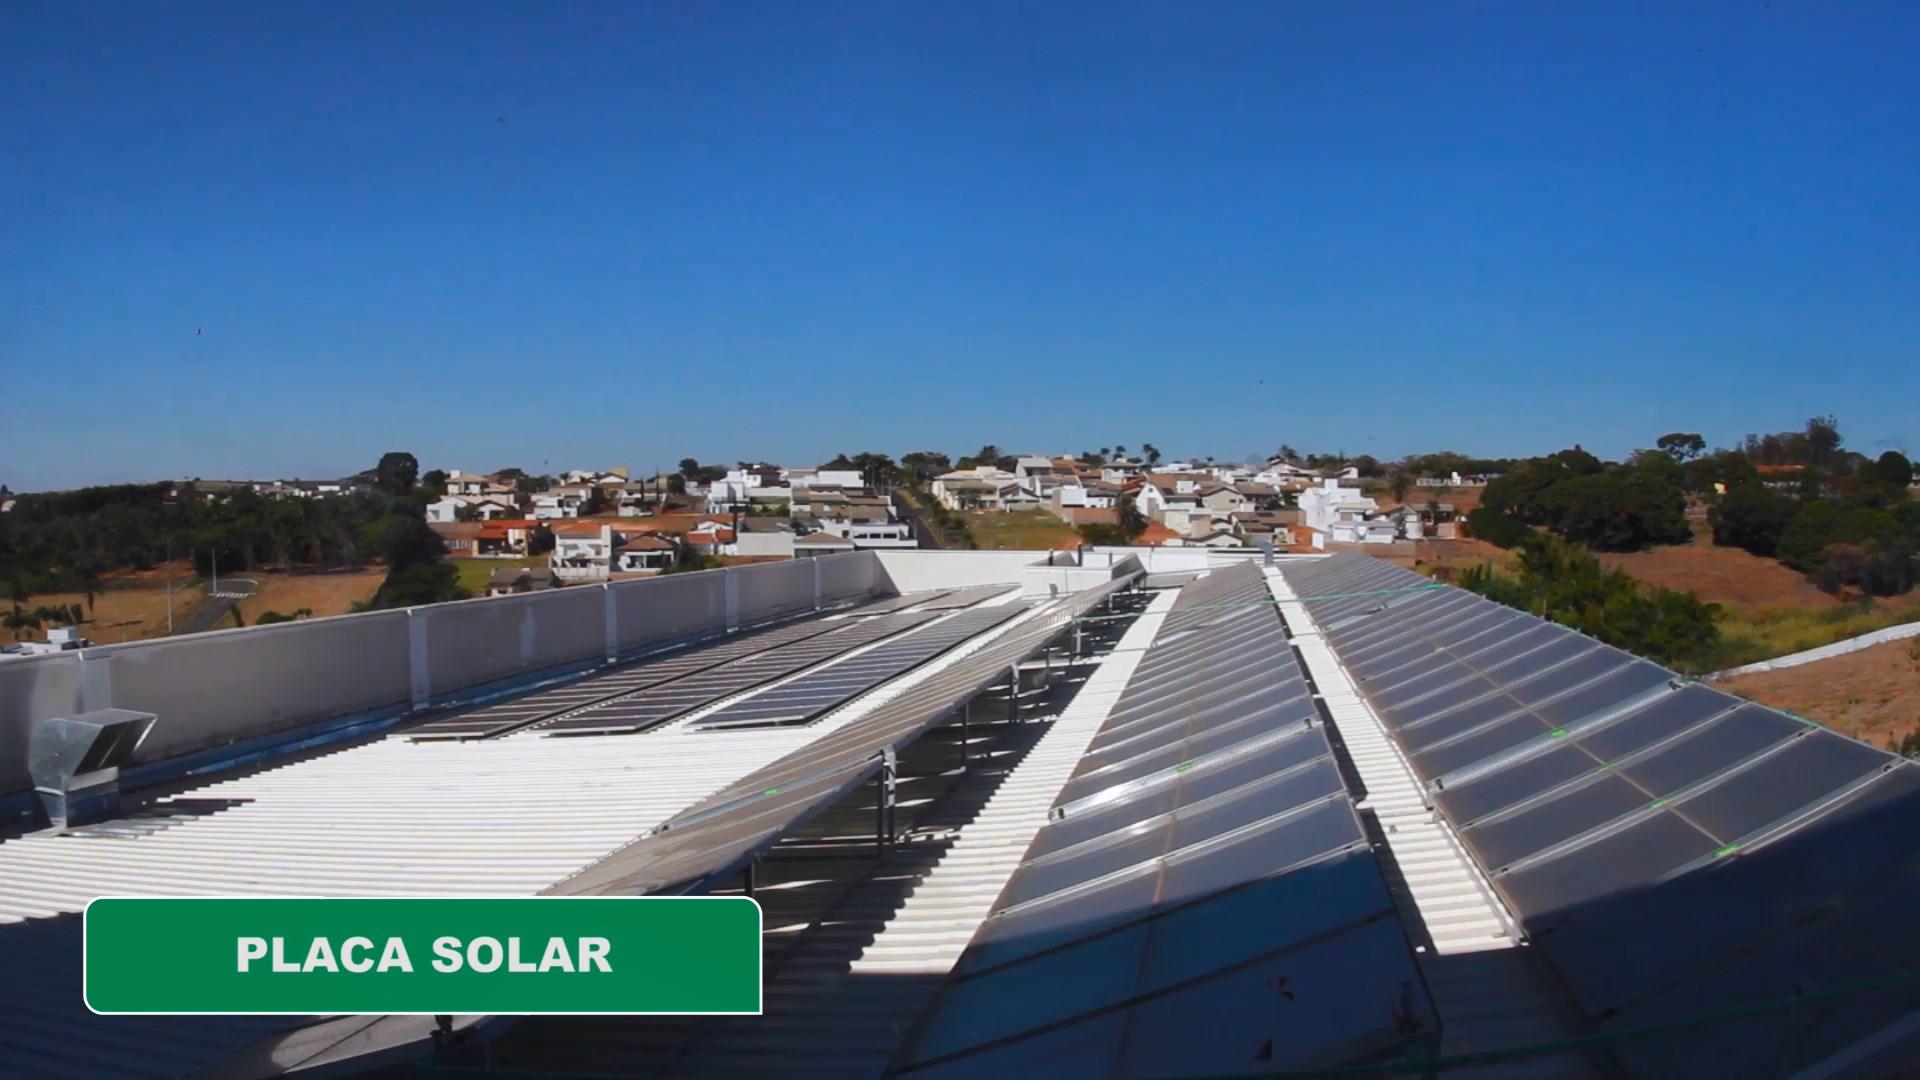 Placas Solares Edificação eficiente traz economia perene